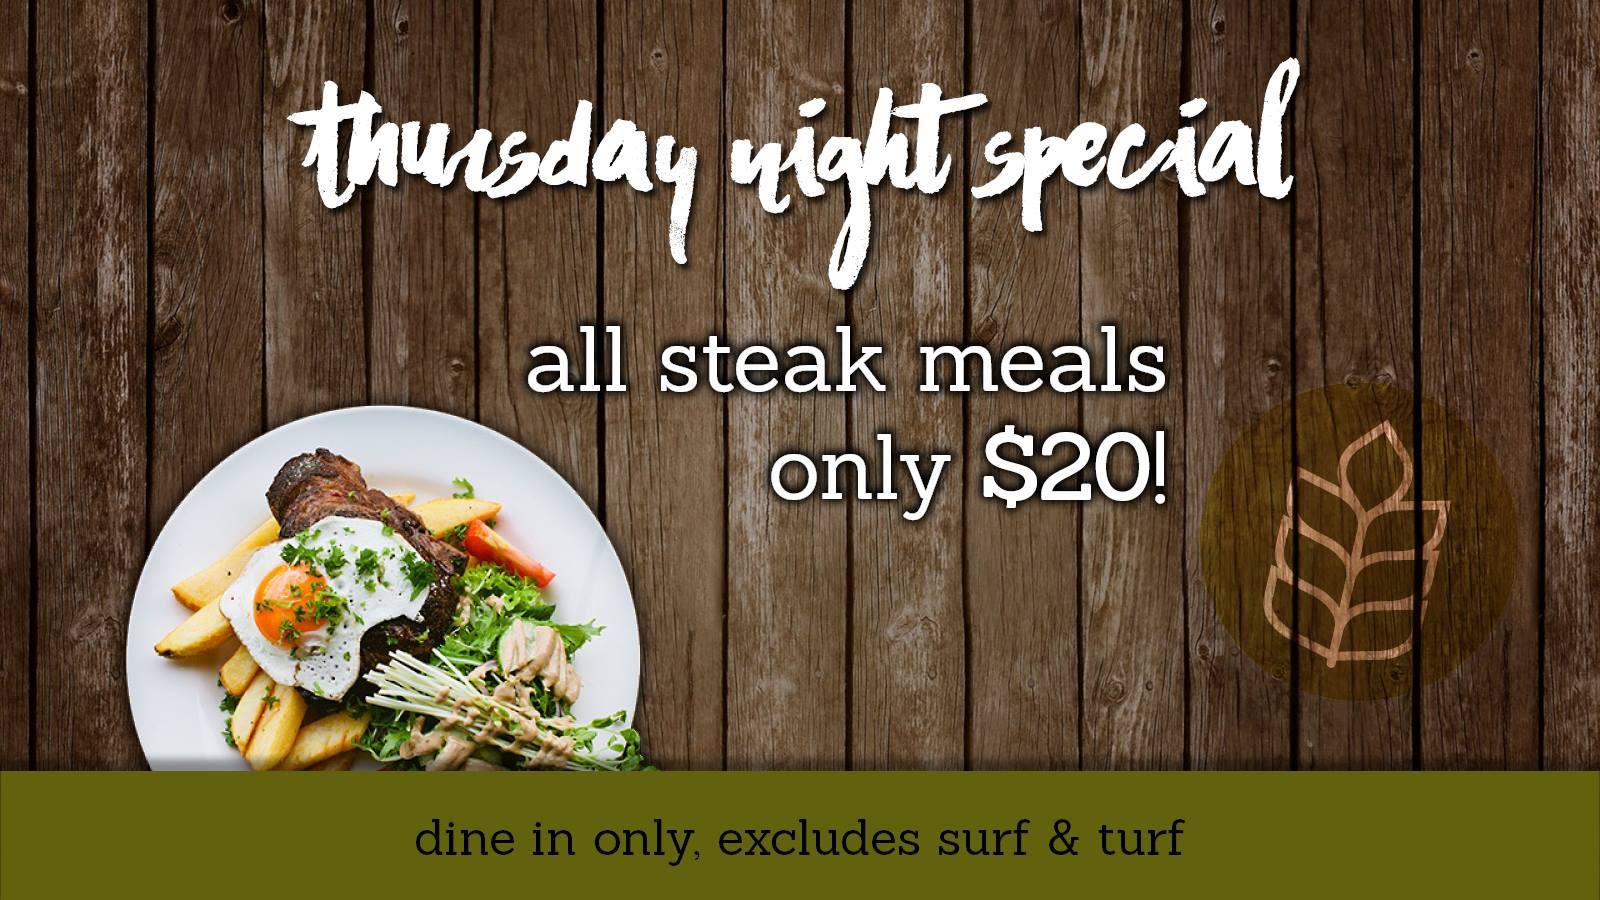 Thursday: Steak Night